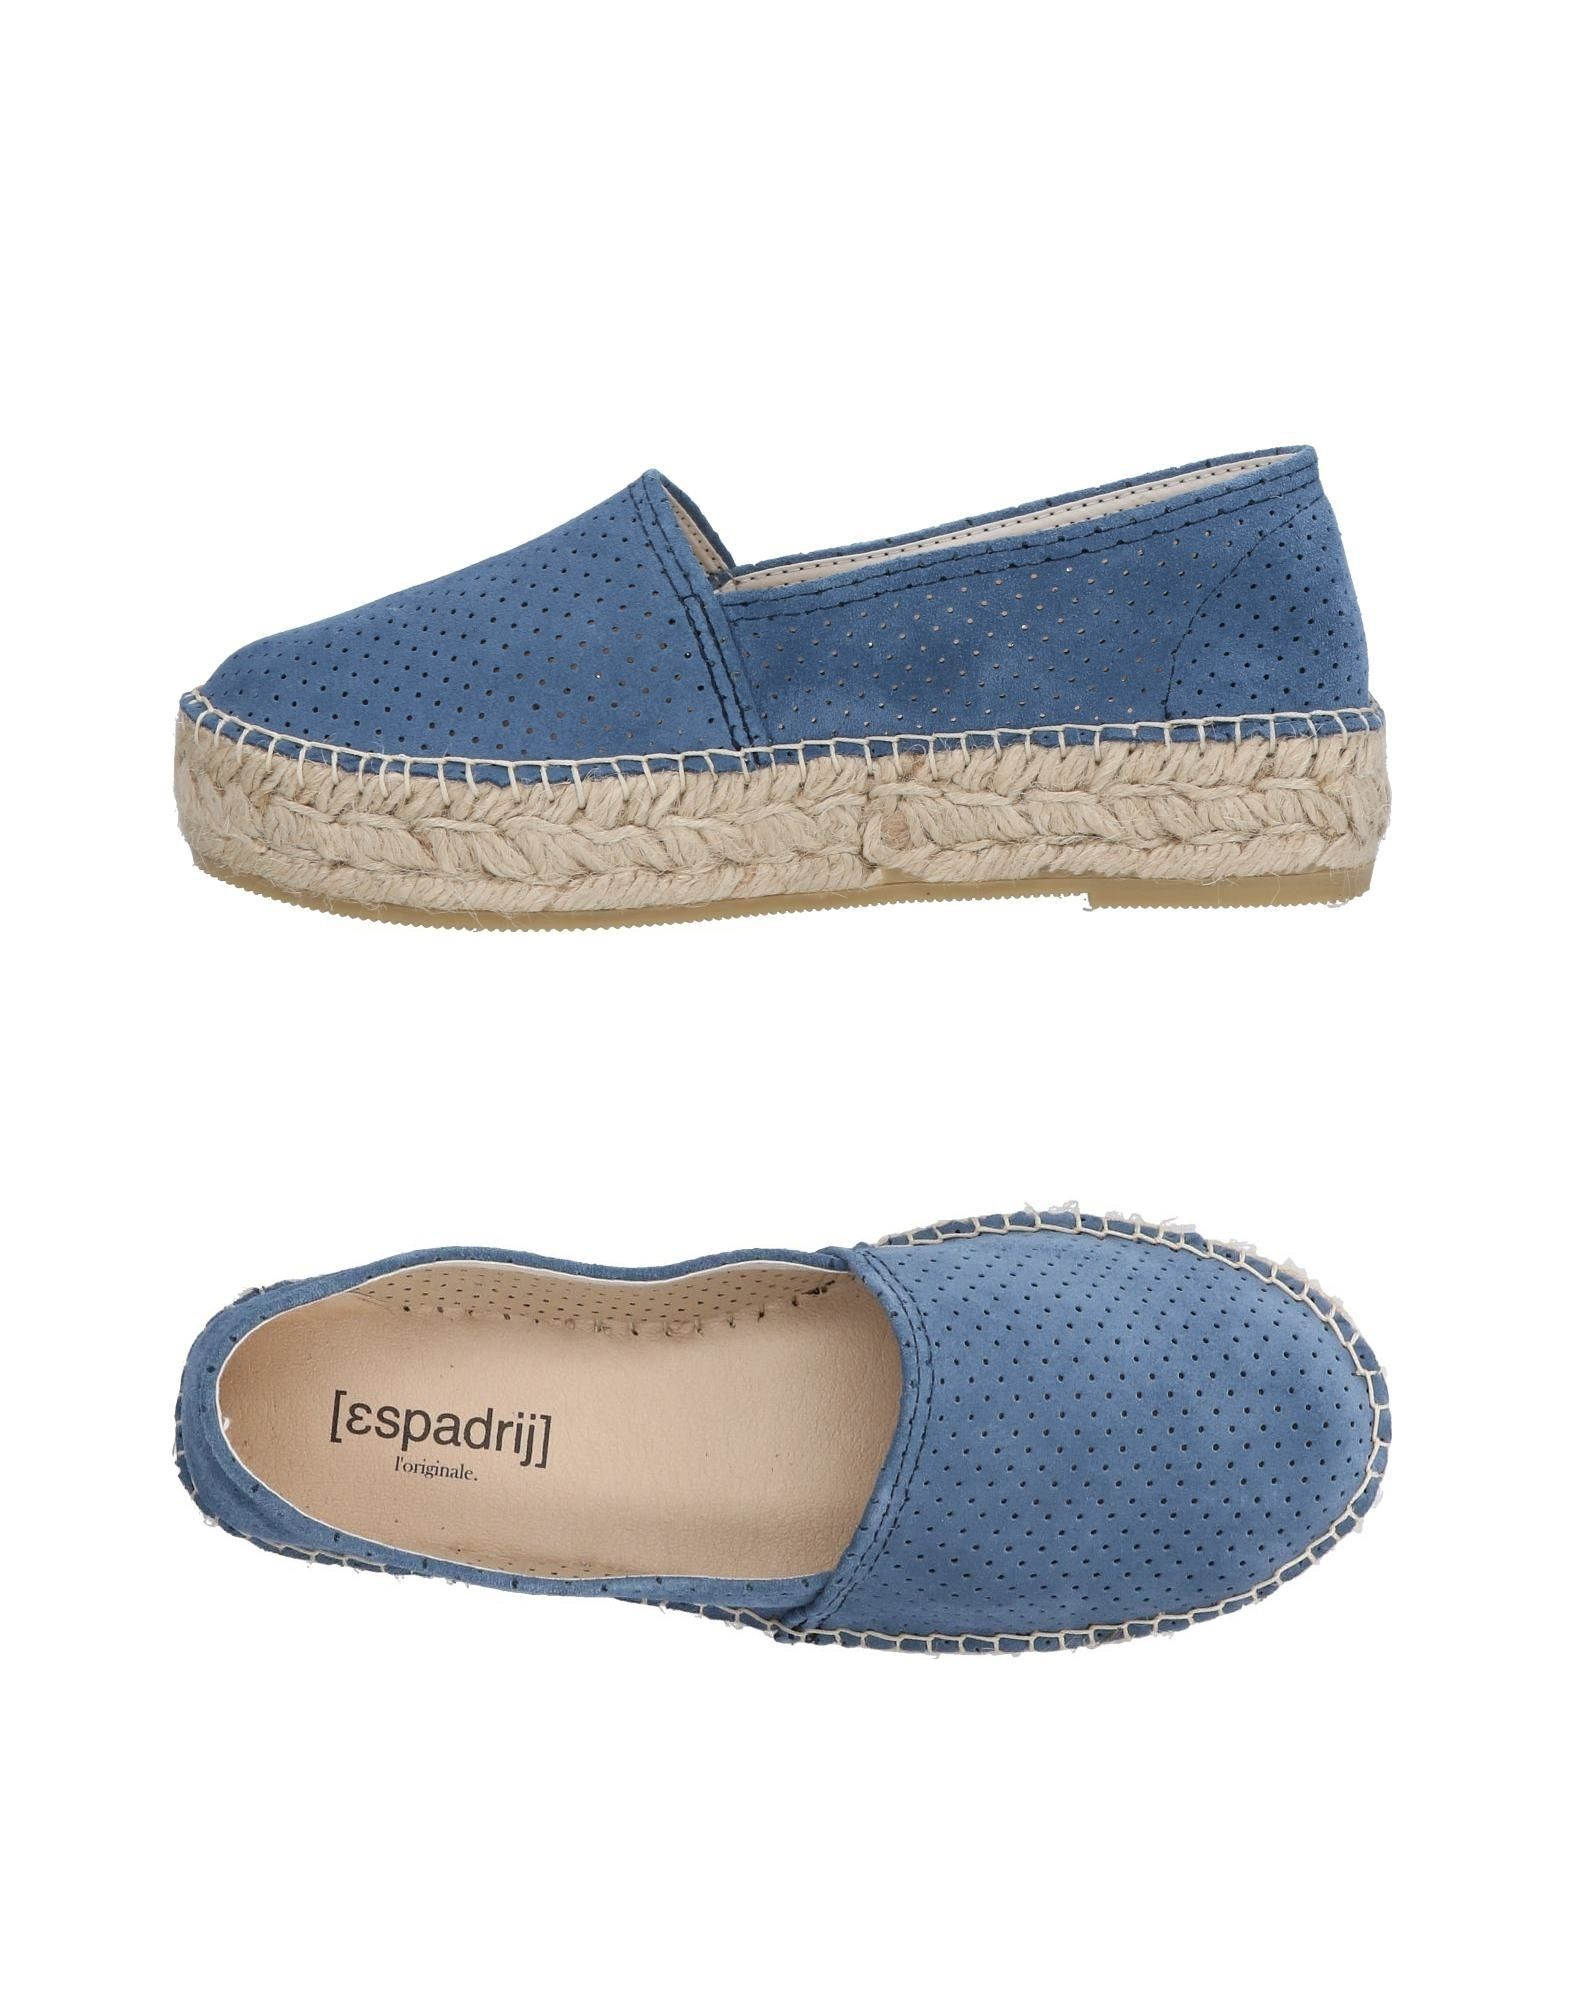 [Espadrij] Espadrilles Damen  11483936FG Gute Qualität beliebte Schuhe